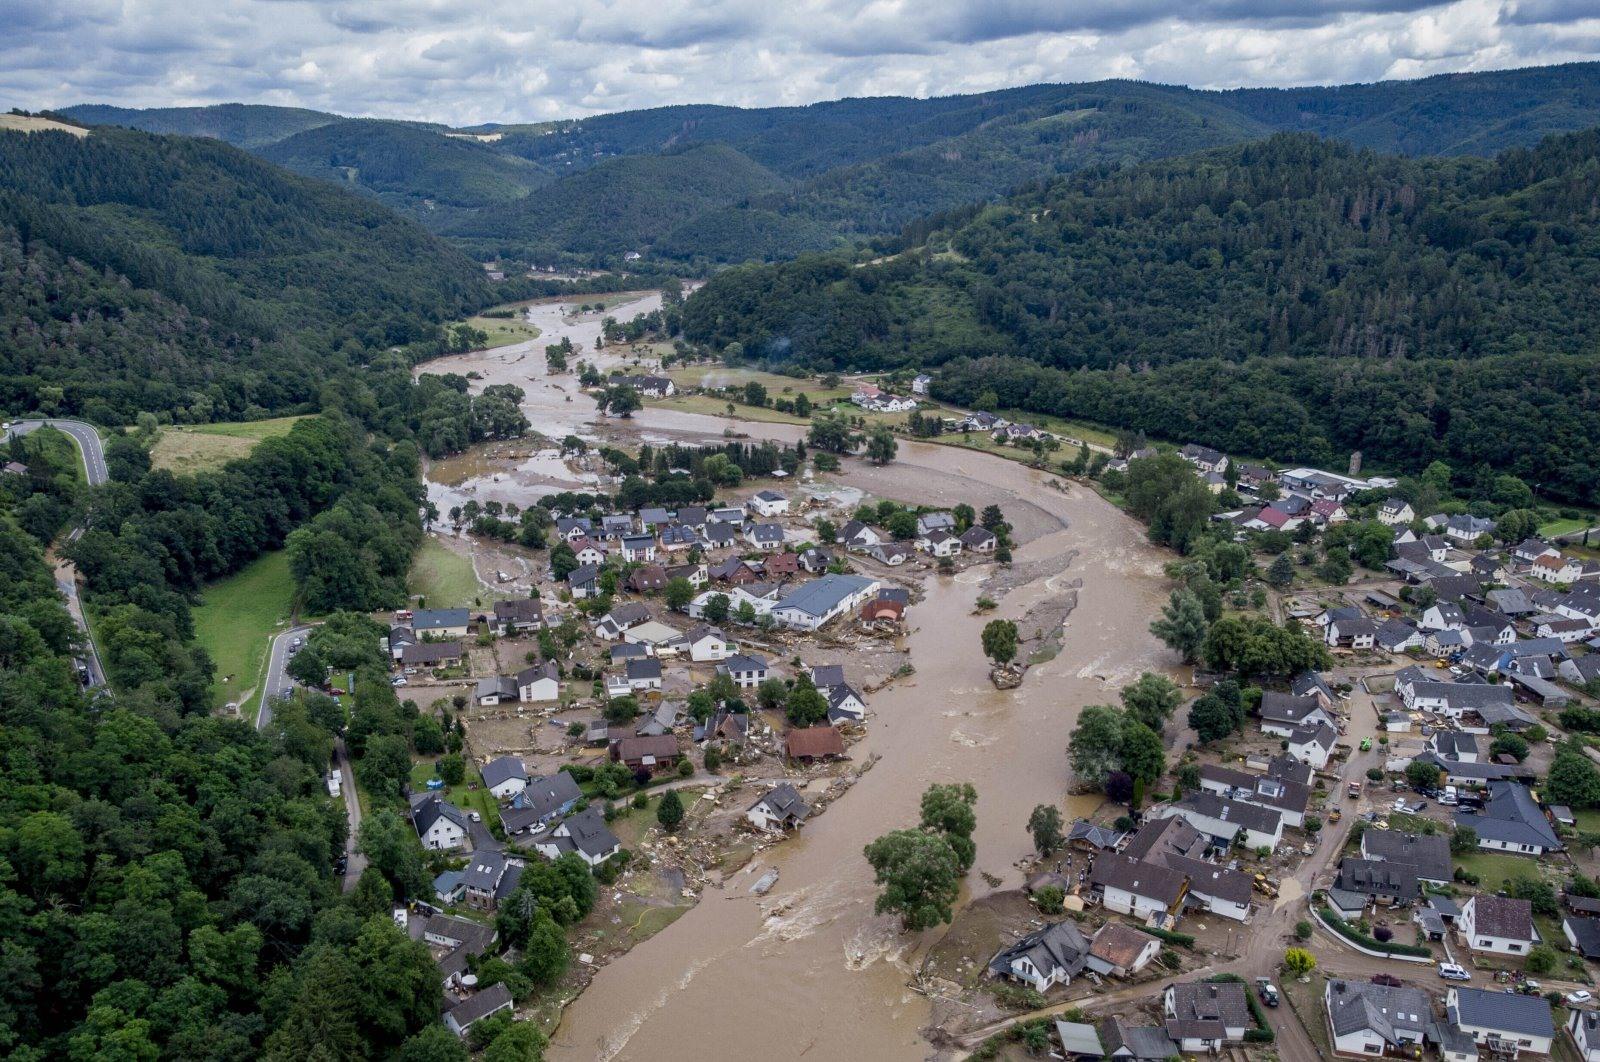 Mưa lớn khiến nước sông Ahr (Đức) tràn bờ và phá hủy nhiều ngôi nhà. Ảnh: AP